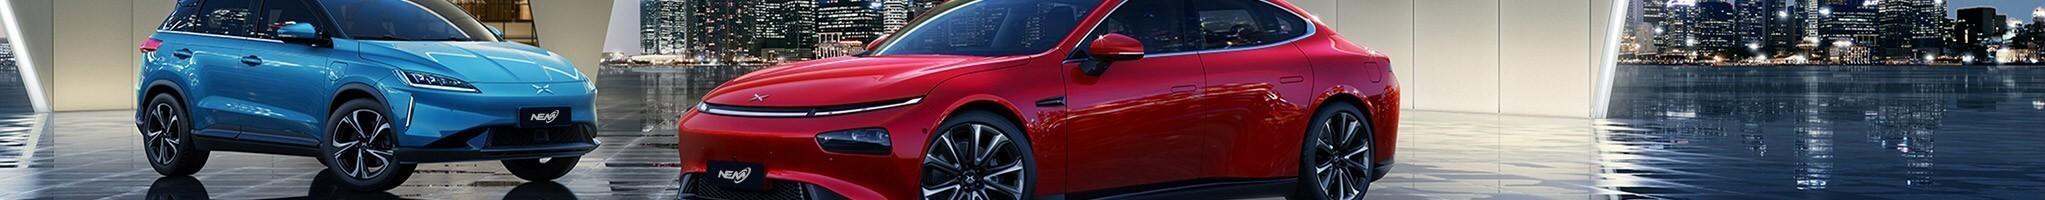 Acheter voiture électrique | New Energy Mobility votre magasin online d'eMobility avec les meilleur prix